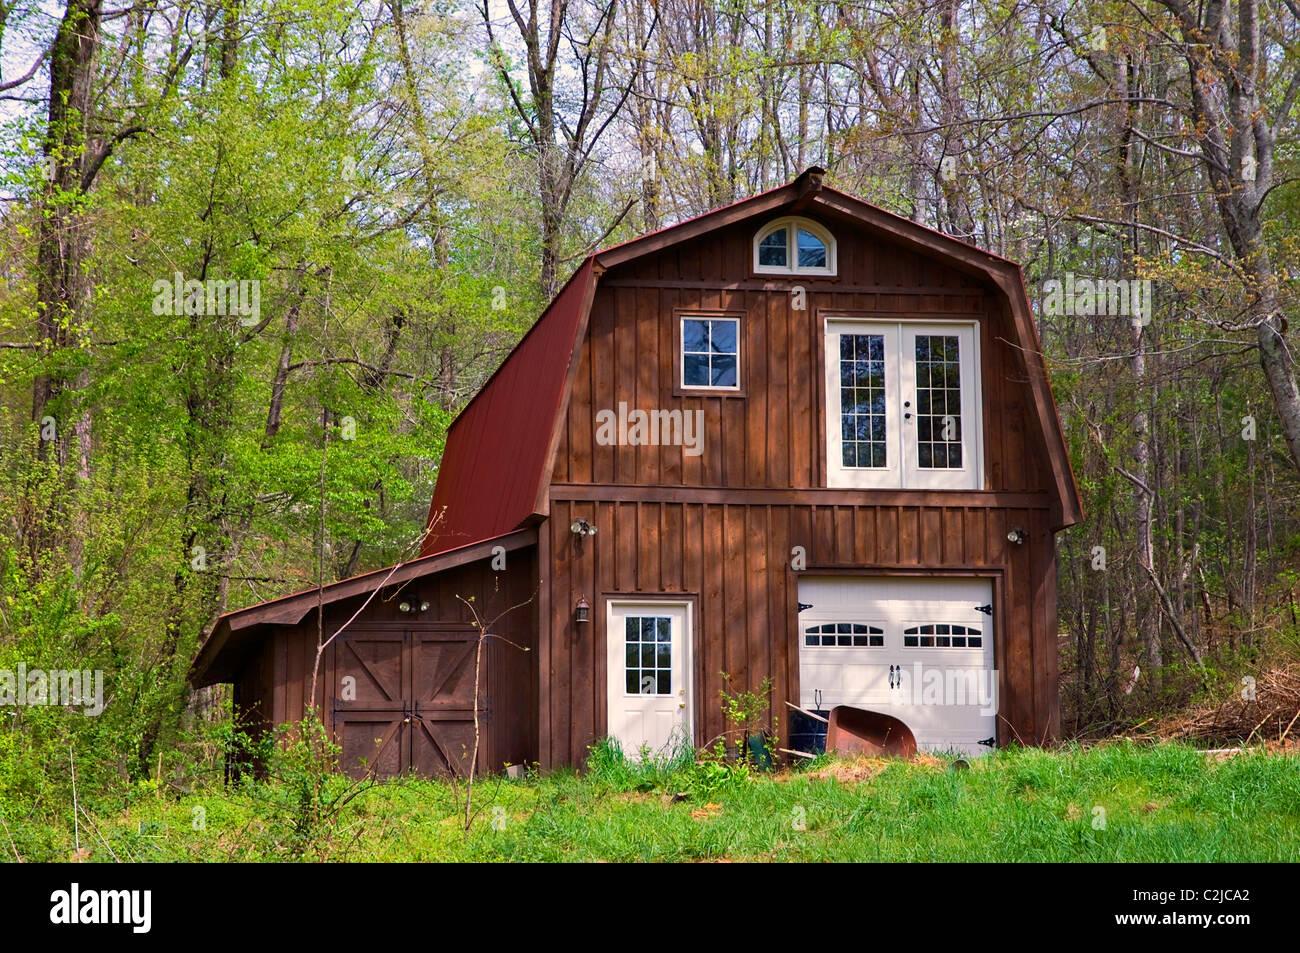 Un gran granero de madera con techo de metal rojo diseñado para ser usado como una residencia (si es necesario). Imagen De Stock